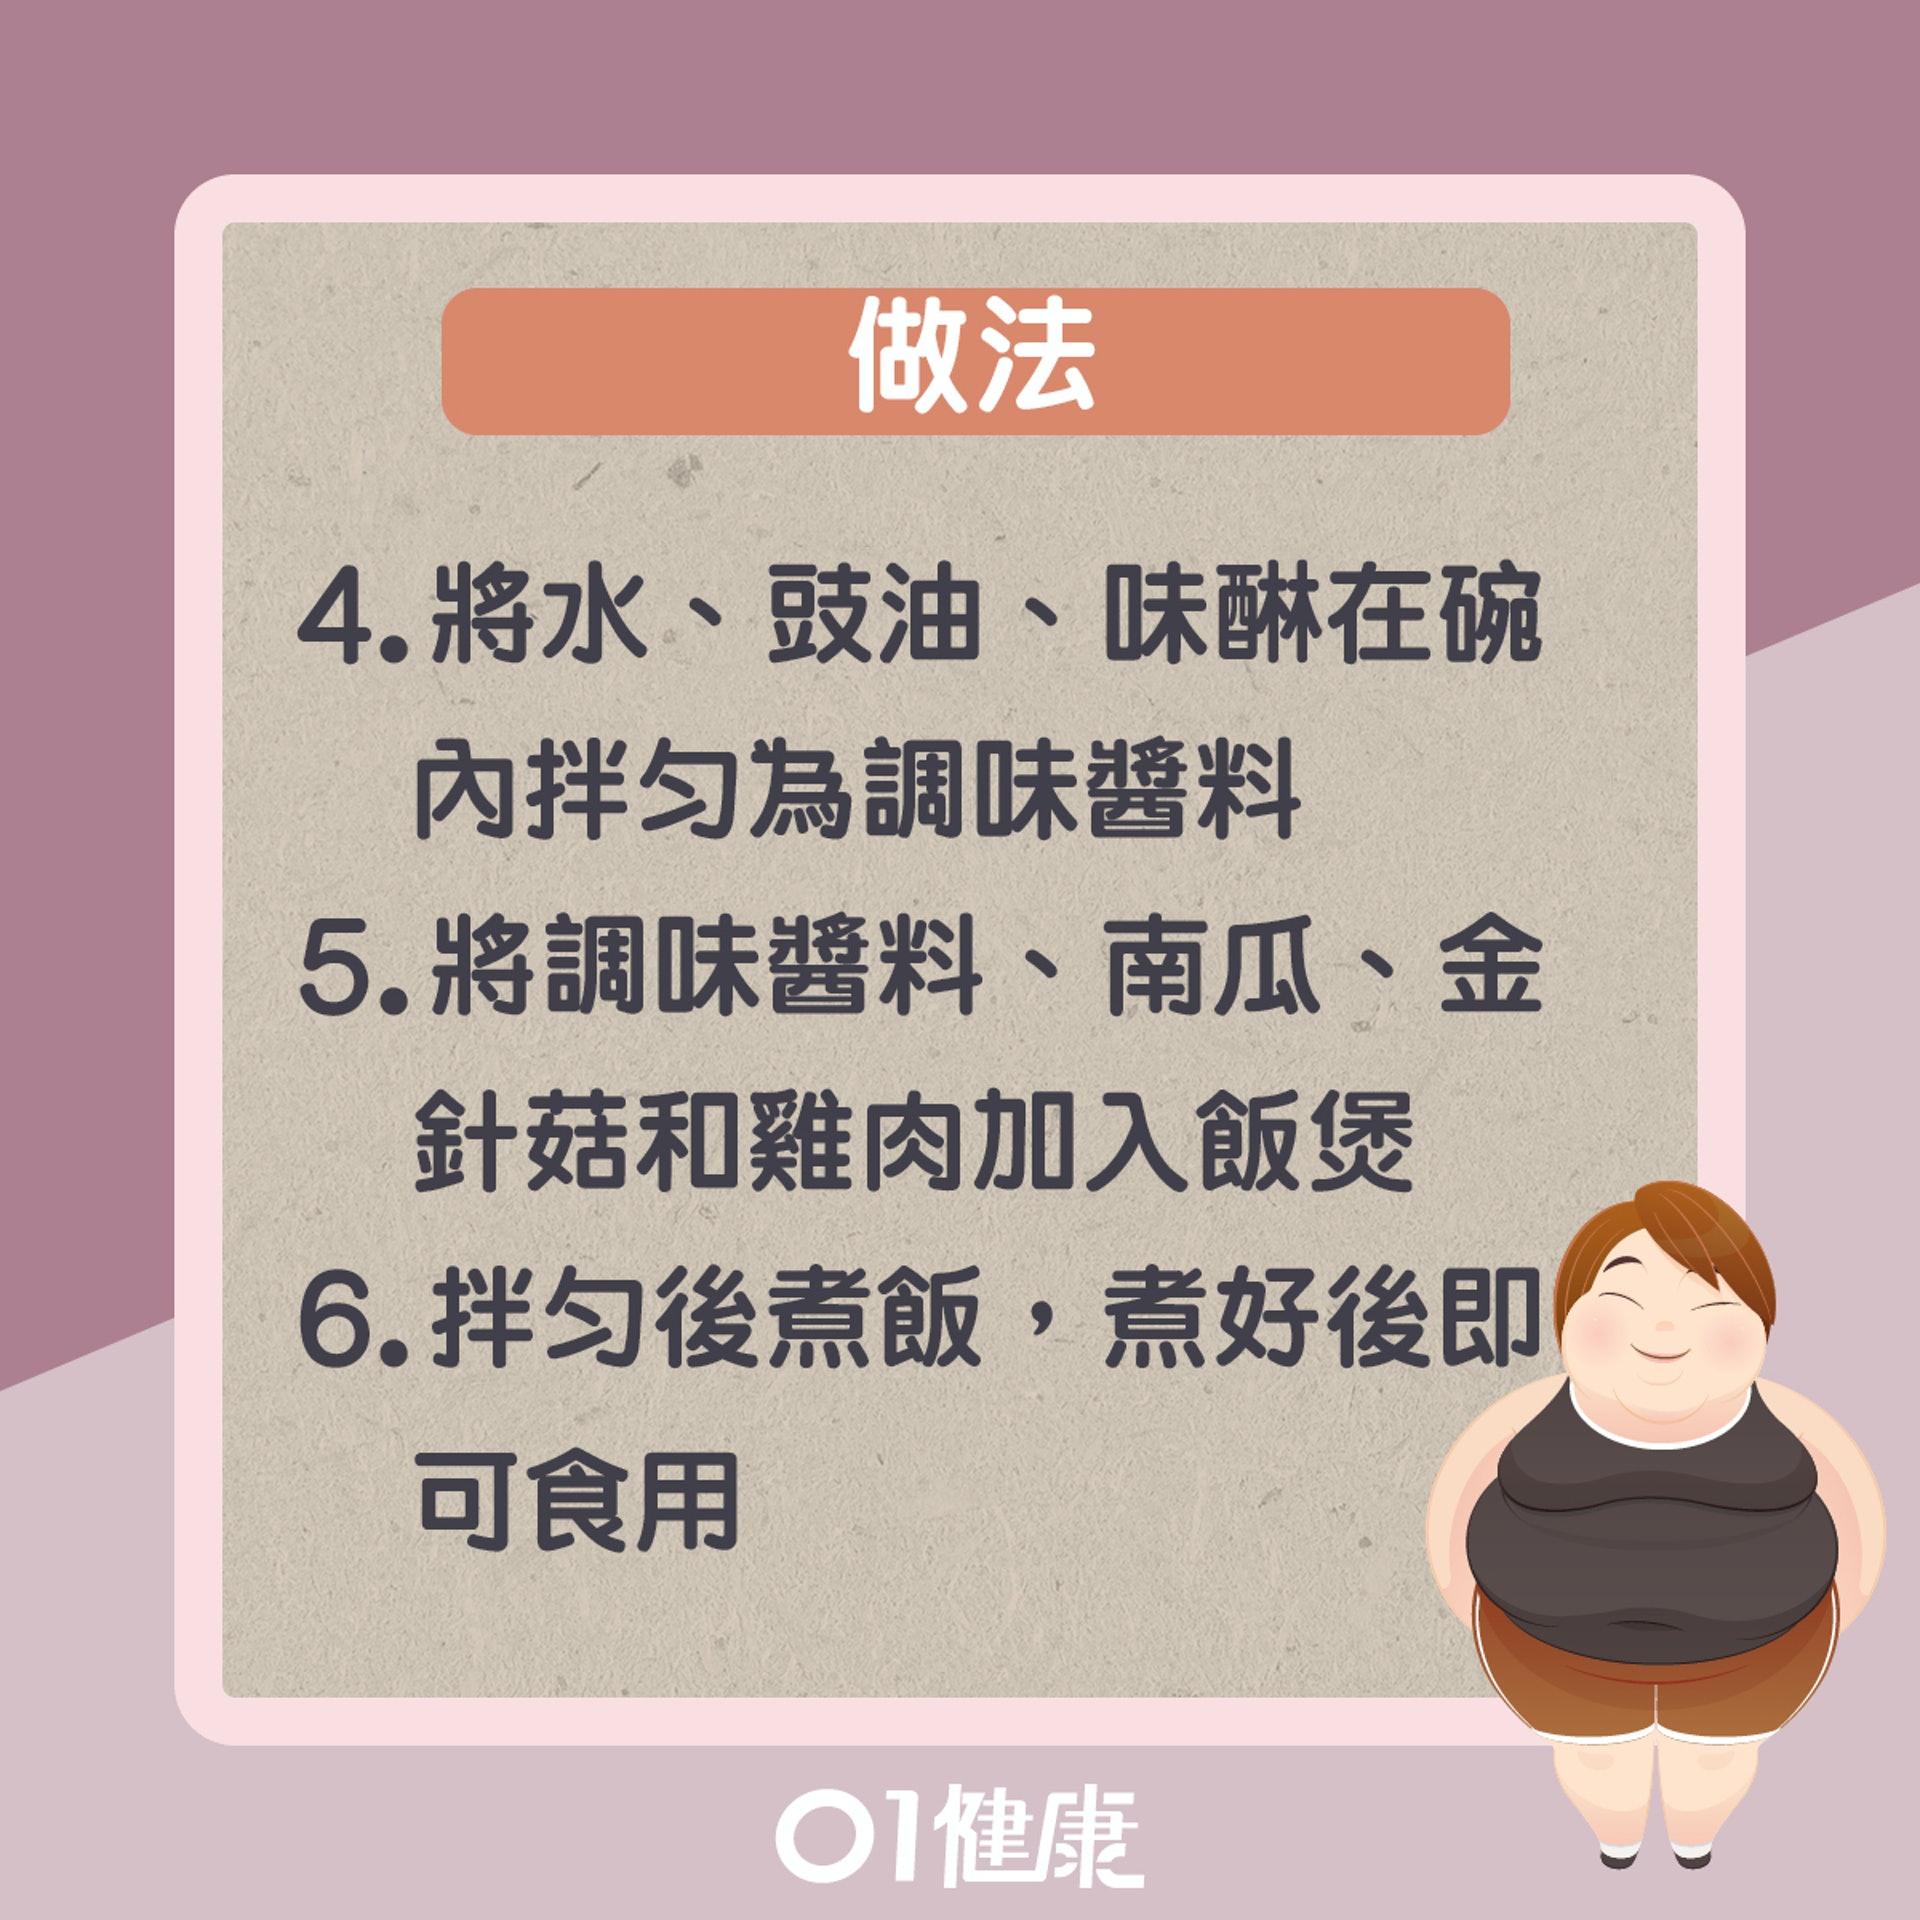 南瓜雞肉炊飯(01製圖)